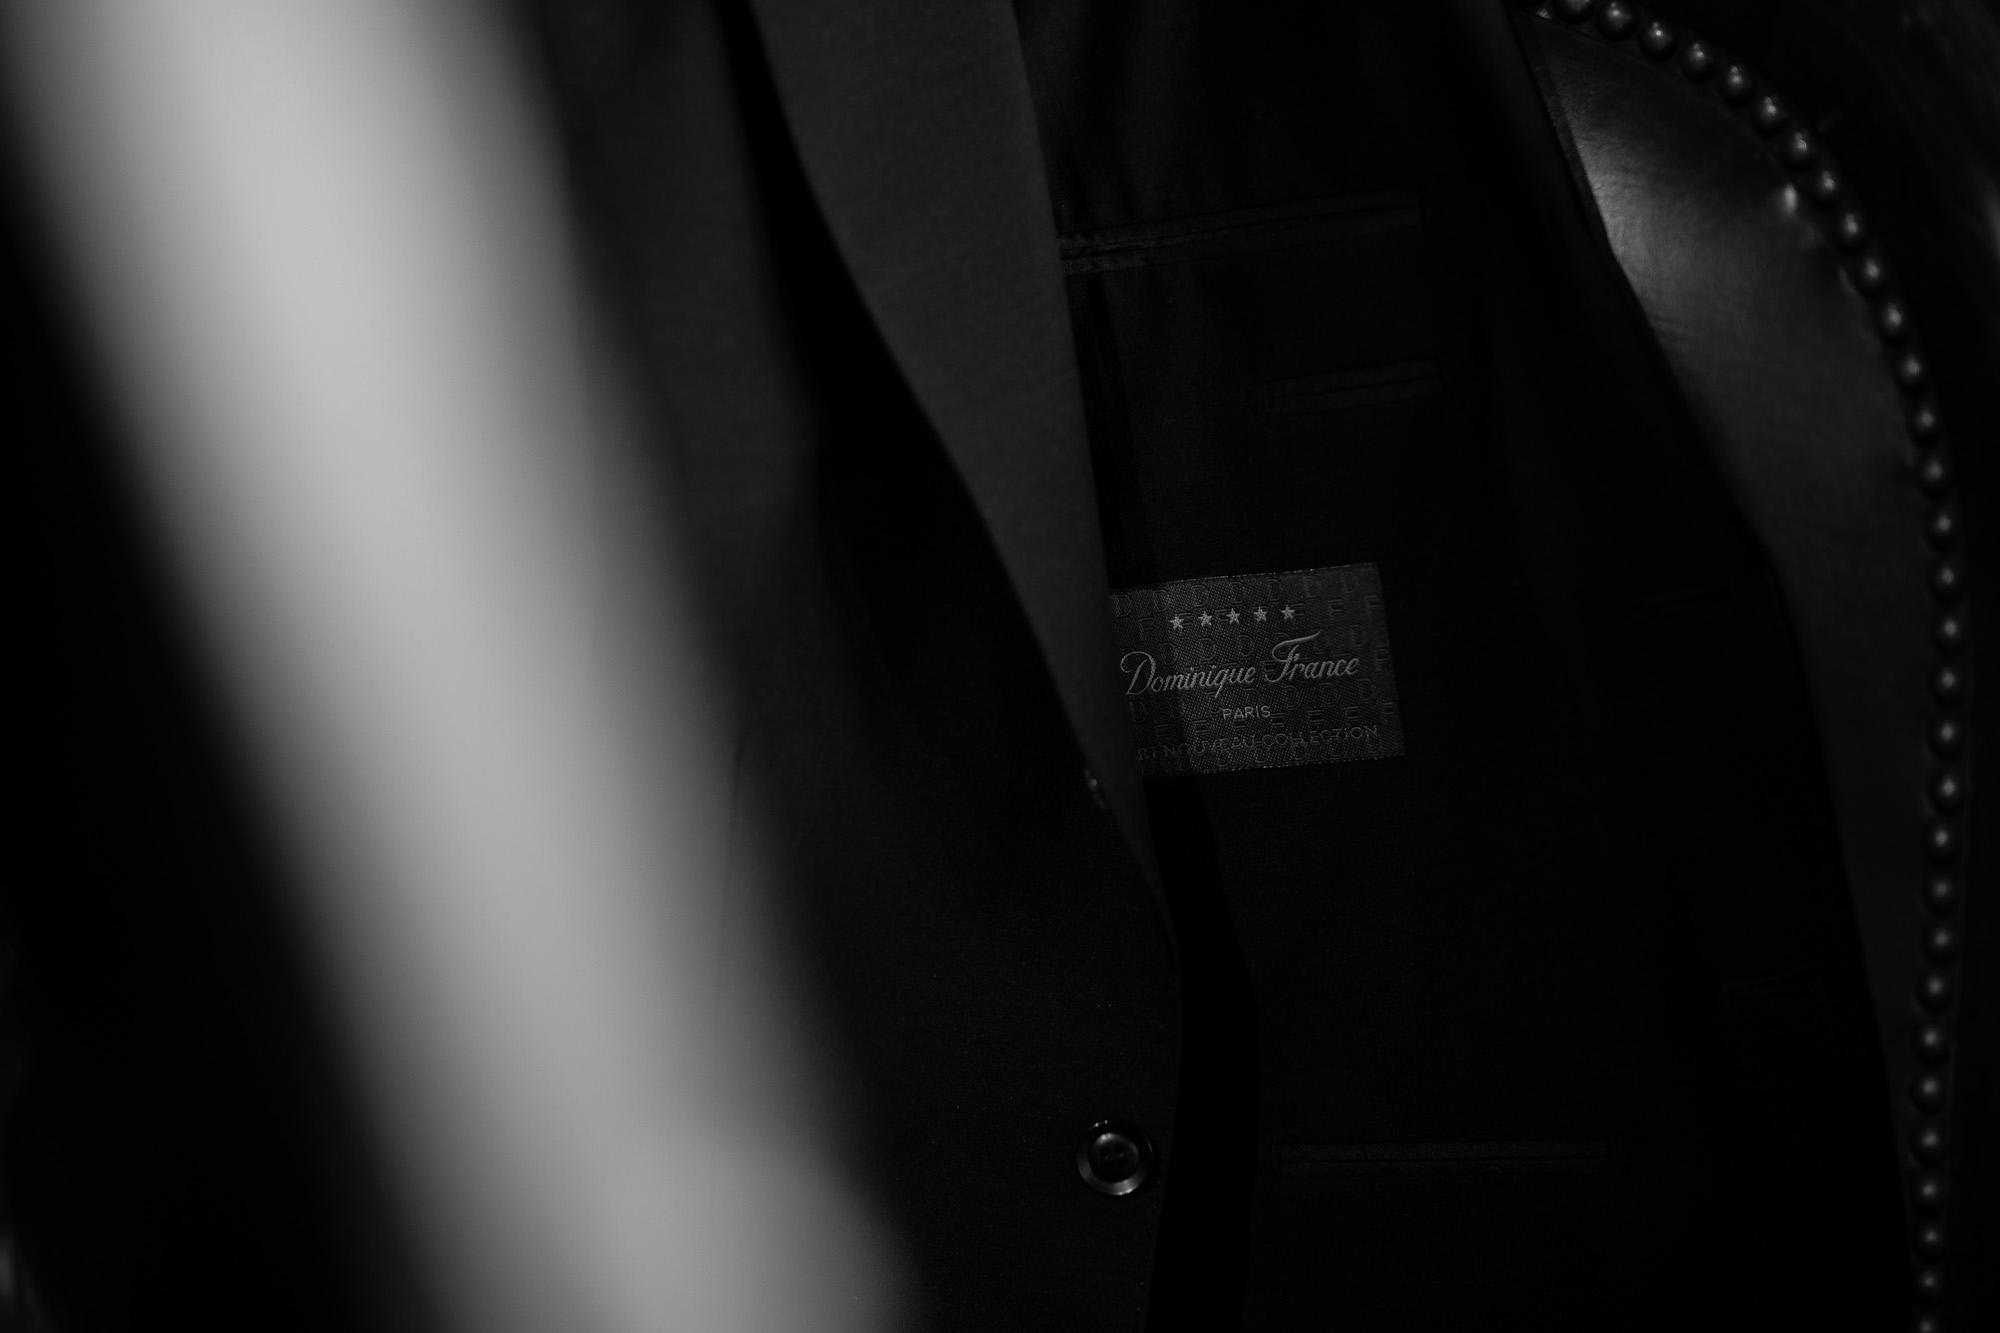 cuervo bopoha (クエルボ ヴァローナ) Sartoria Collection (サルトリア コレクション) Lobb (ロブ) Dominique France (ドミニック フランス) CALEDONIAN FEATHER (カレドニアン フェザー) EXCELLENT WOOL × KID MOHAIR ウールモヘア シャリック サマージャケット BLACK (ブラック) MADE IN JAPAN (日本製) 2020 【Special Special Special Model】 ドミニックフランス ドミニクフランス ジャケット 超絶ブランド ドミニクフランス ネクタイ 高級 フランス 愛知 名古屋 altoediritto アルトエデリット